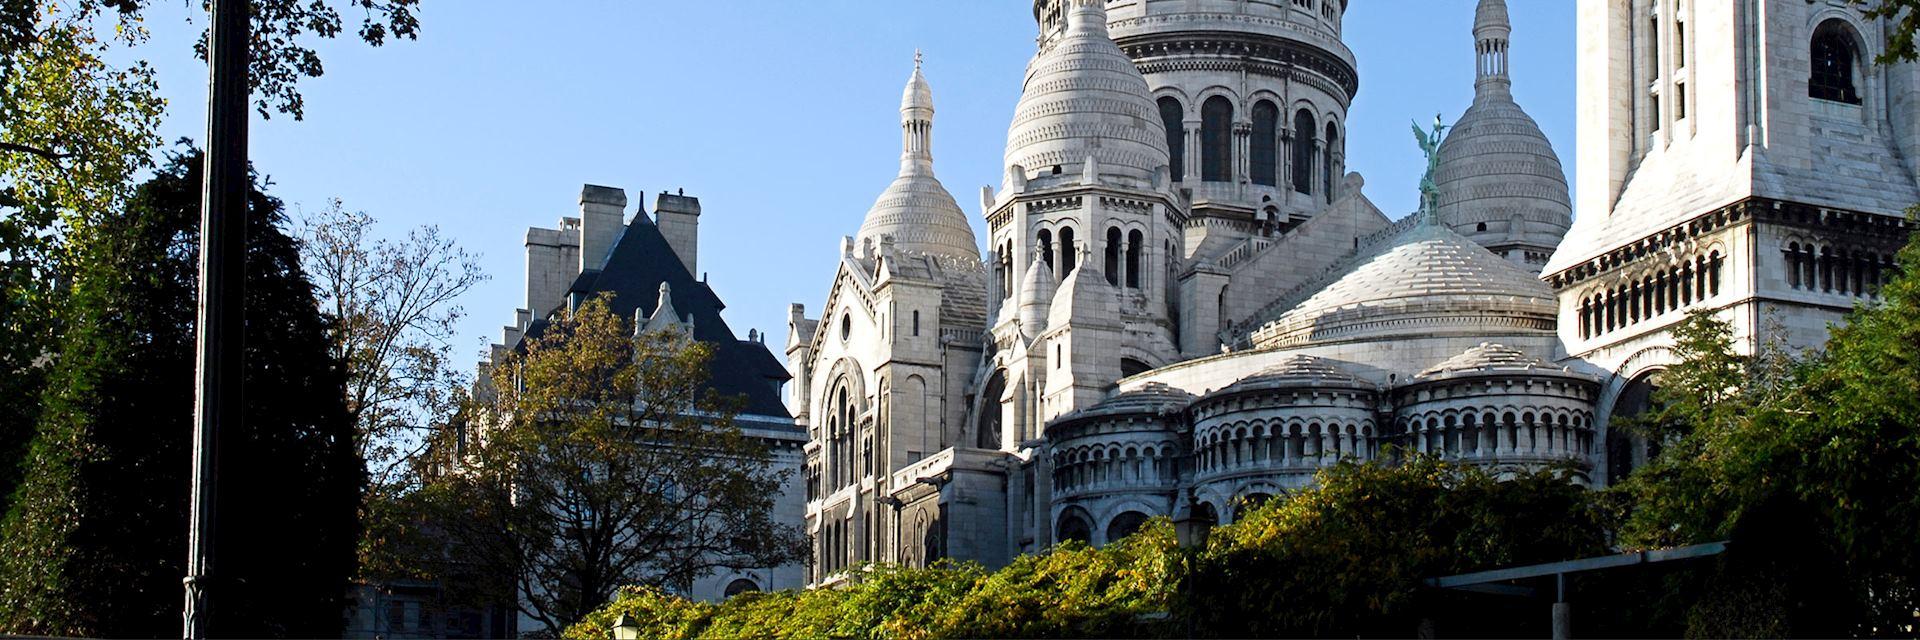 Sacré-Coeur in Montmartre, Paris